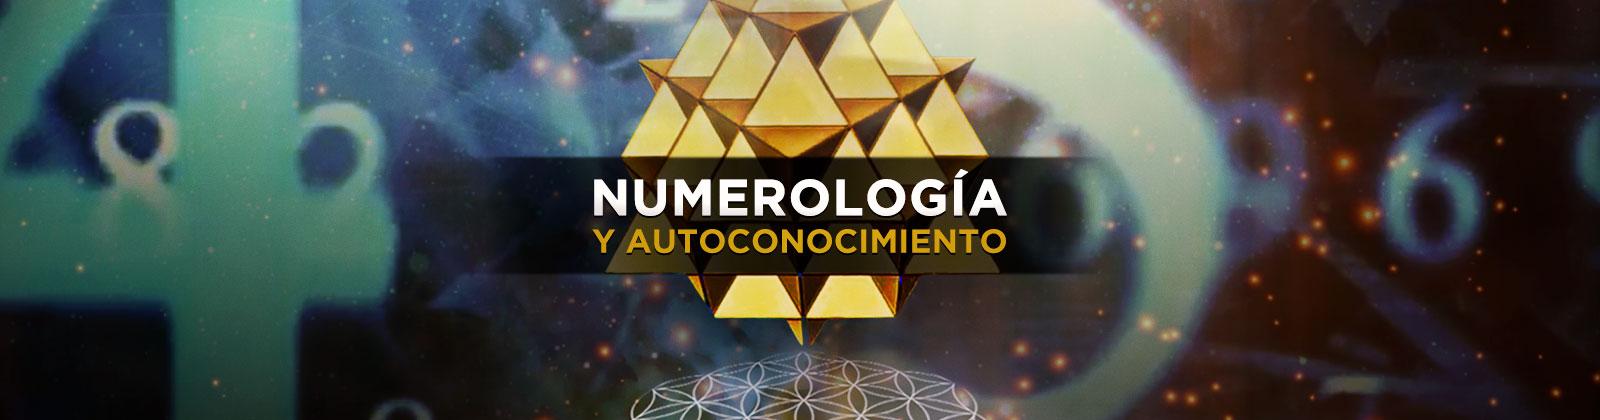 Portada Numerología y Autoconocimiento